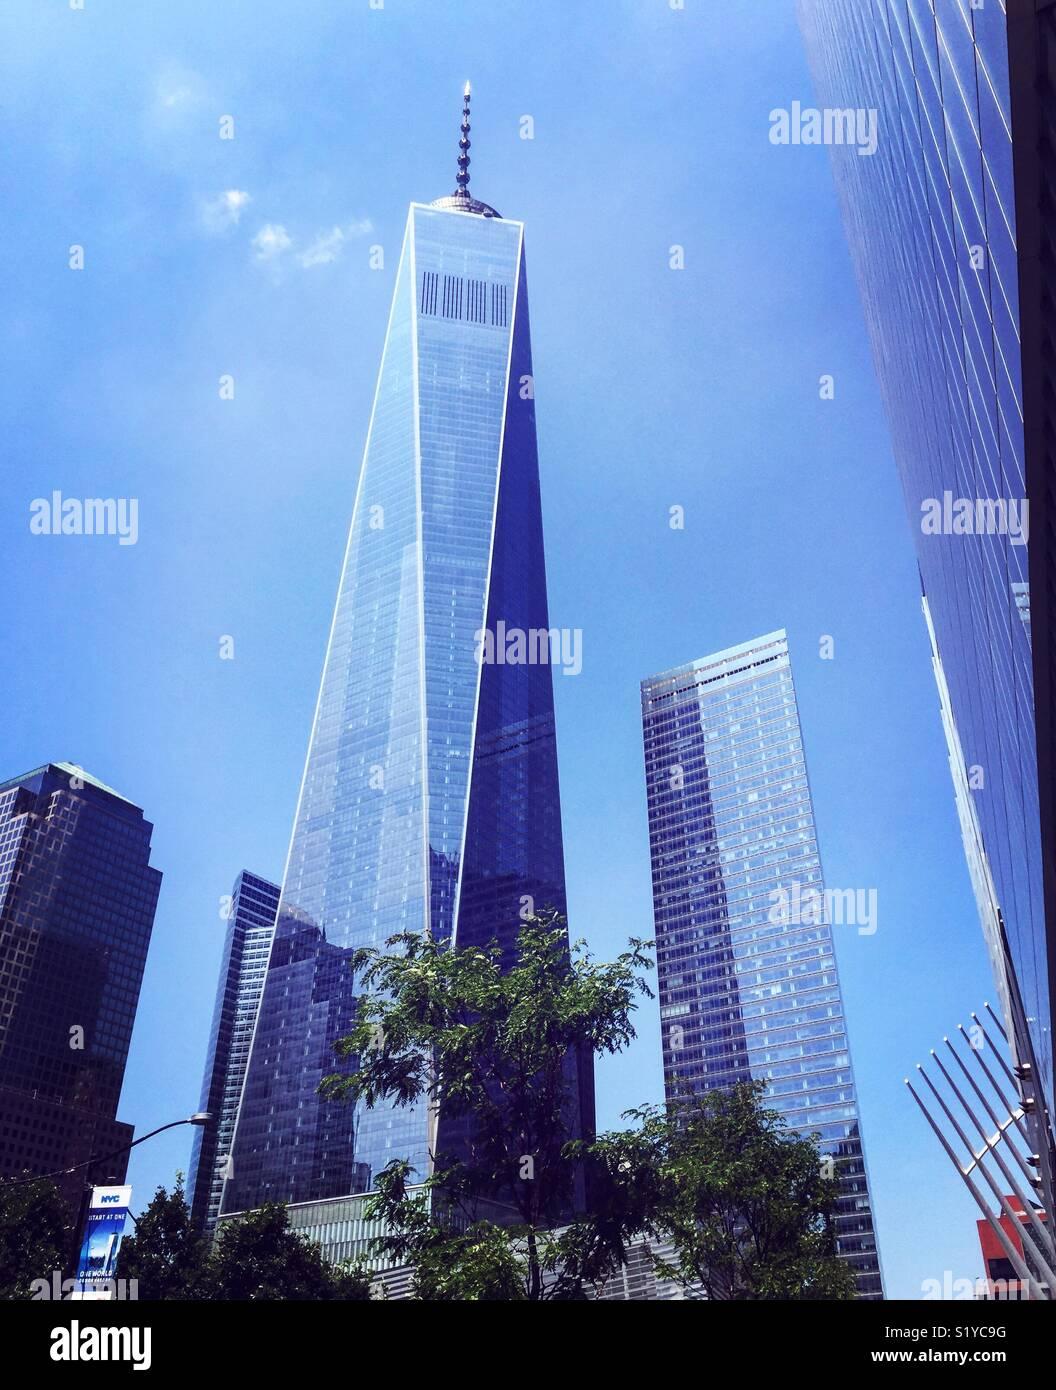 Das One World Trade Center, New York City, USA. Stockbild